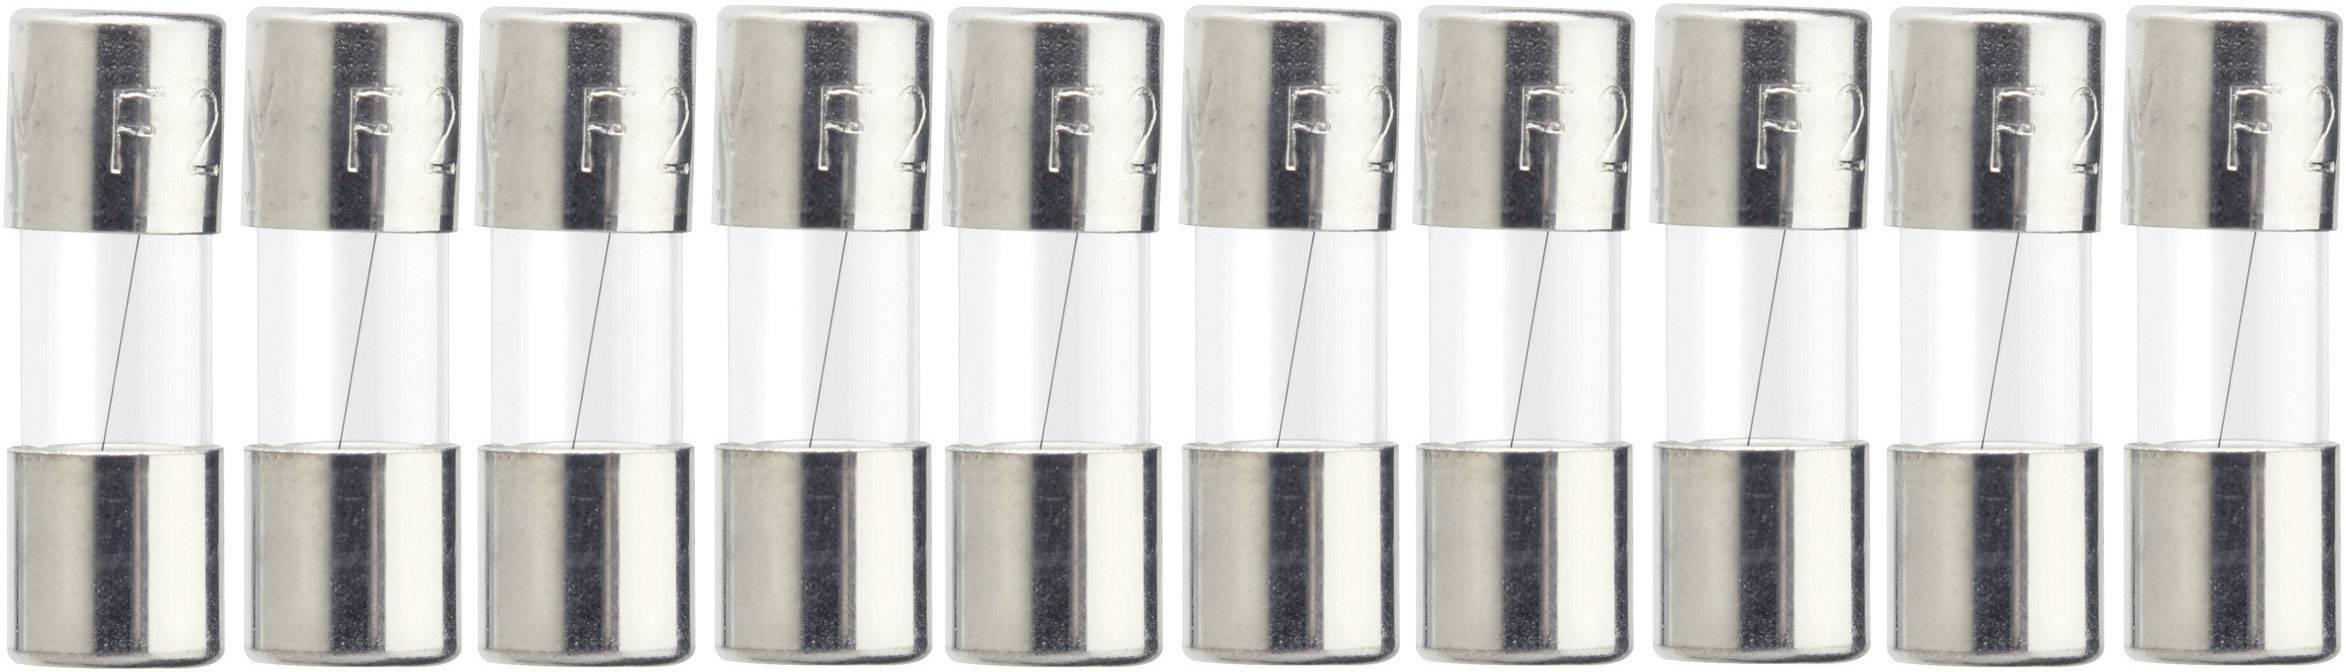 Jemná poistka ESKA 515612, 0.315 A, 250 V, (Ø x d) 5 mm x 15 mm, rýchly -F-, 10 ks